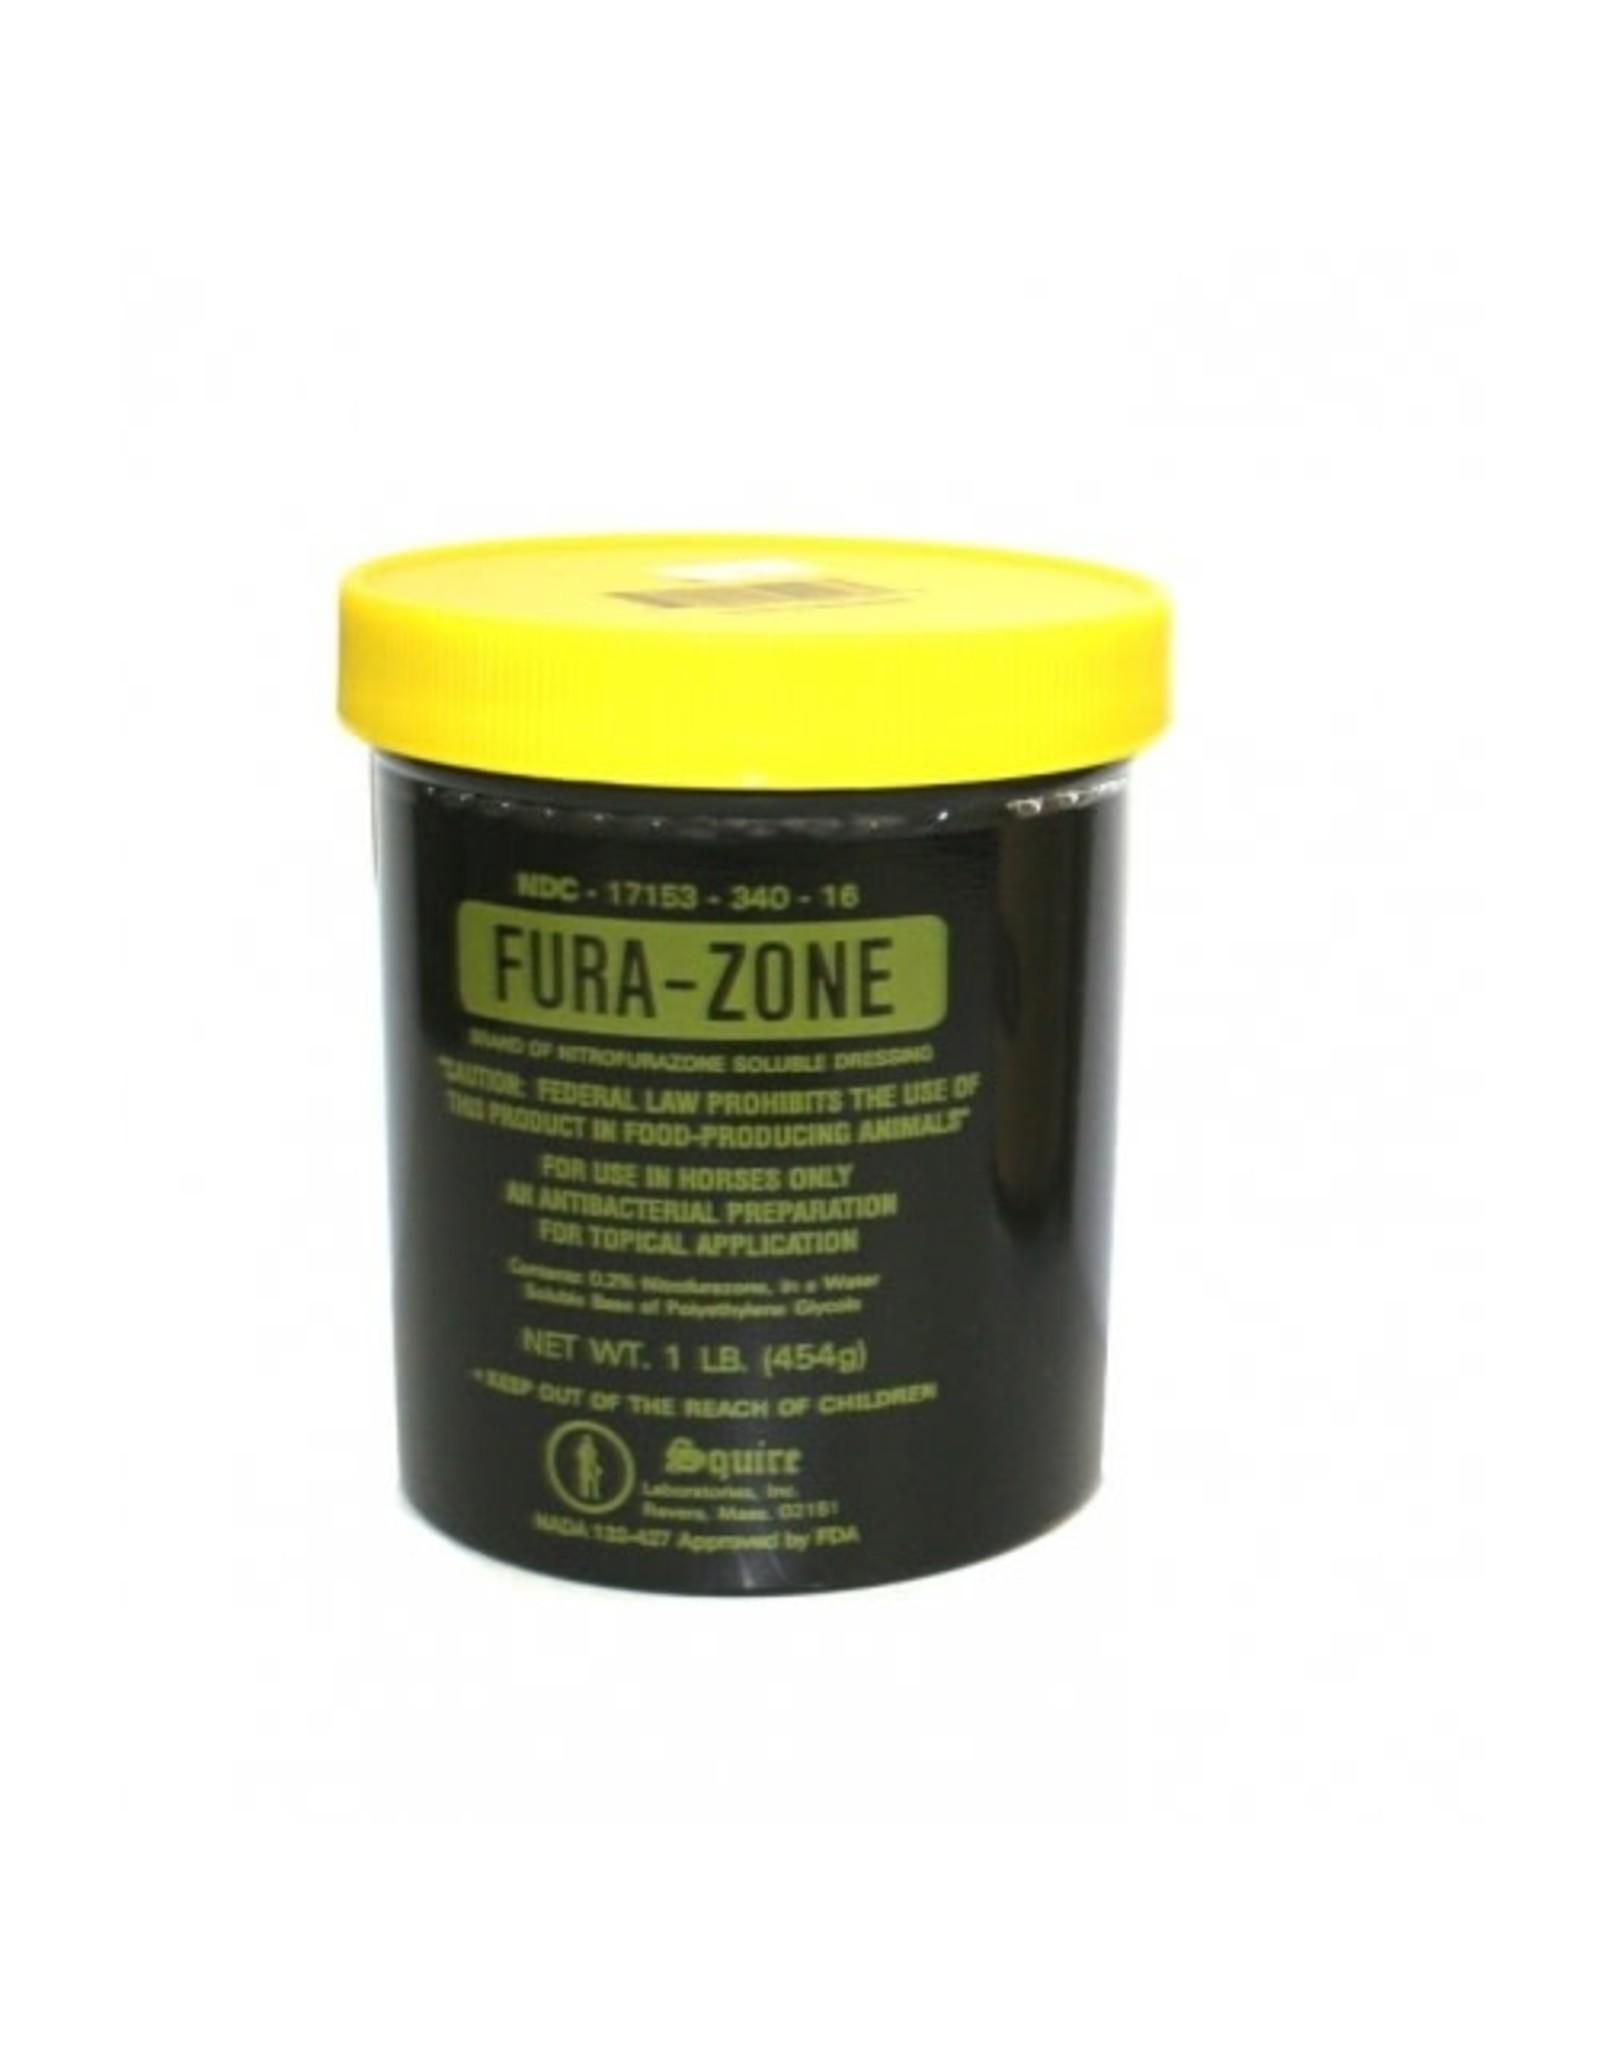 Fura-Zone 1lb. (Nitrofurazone Dressing)